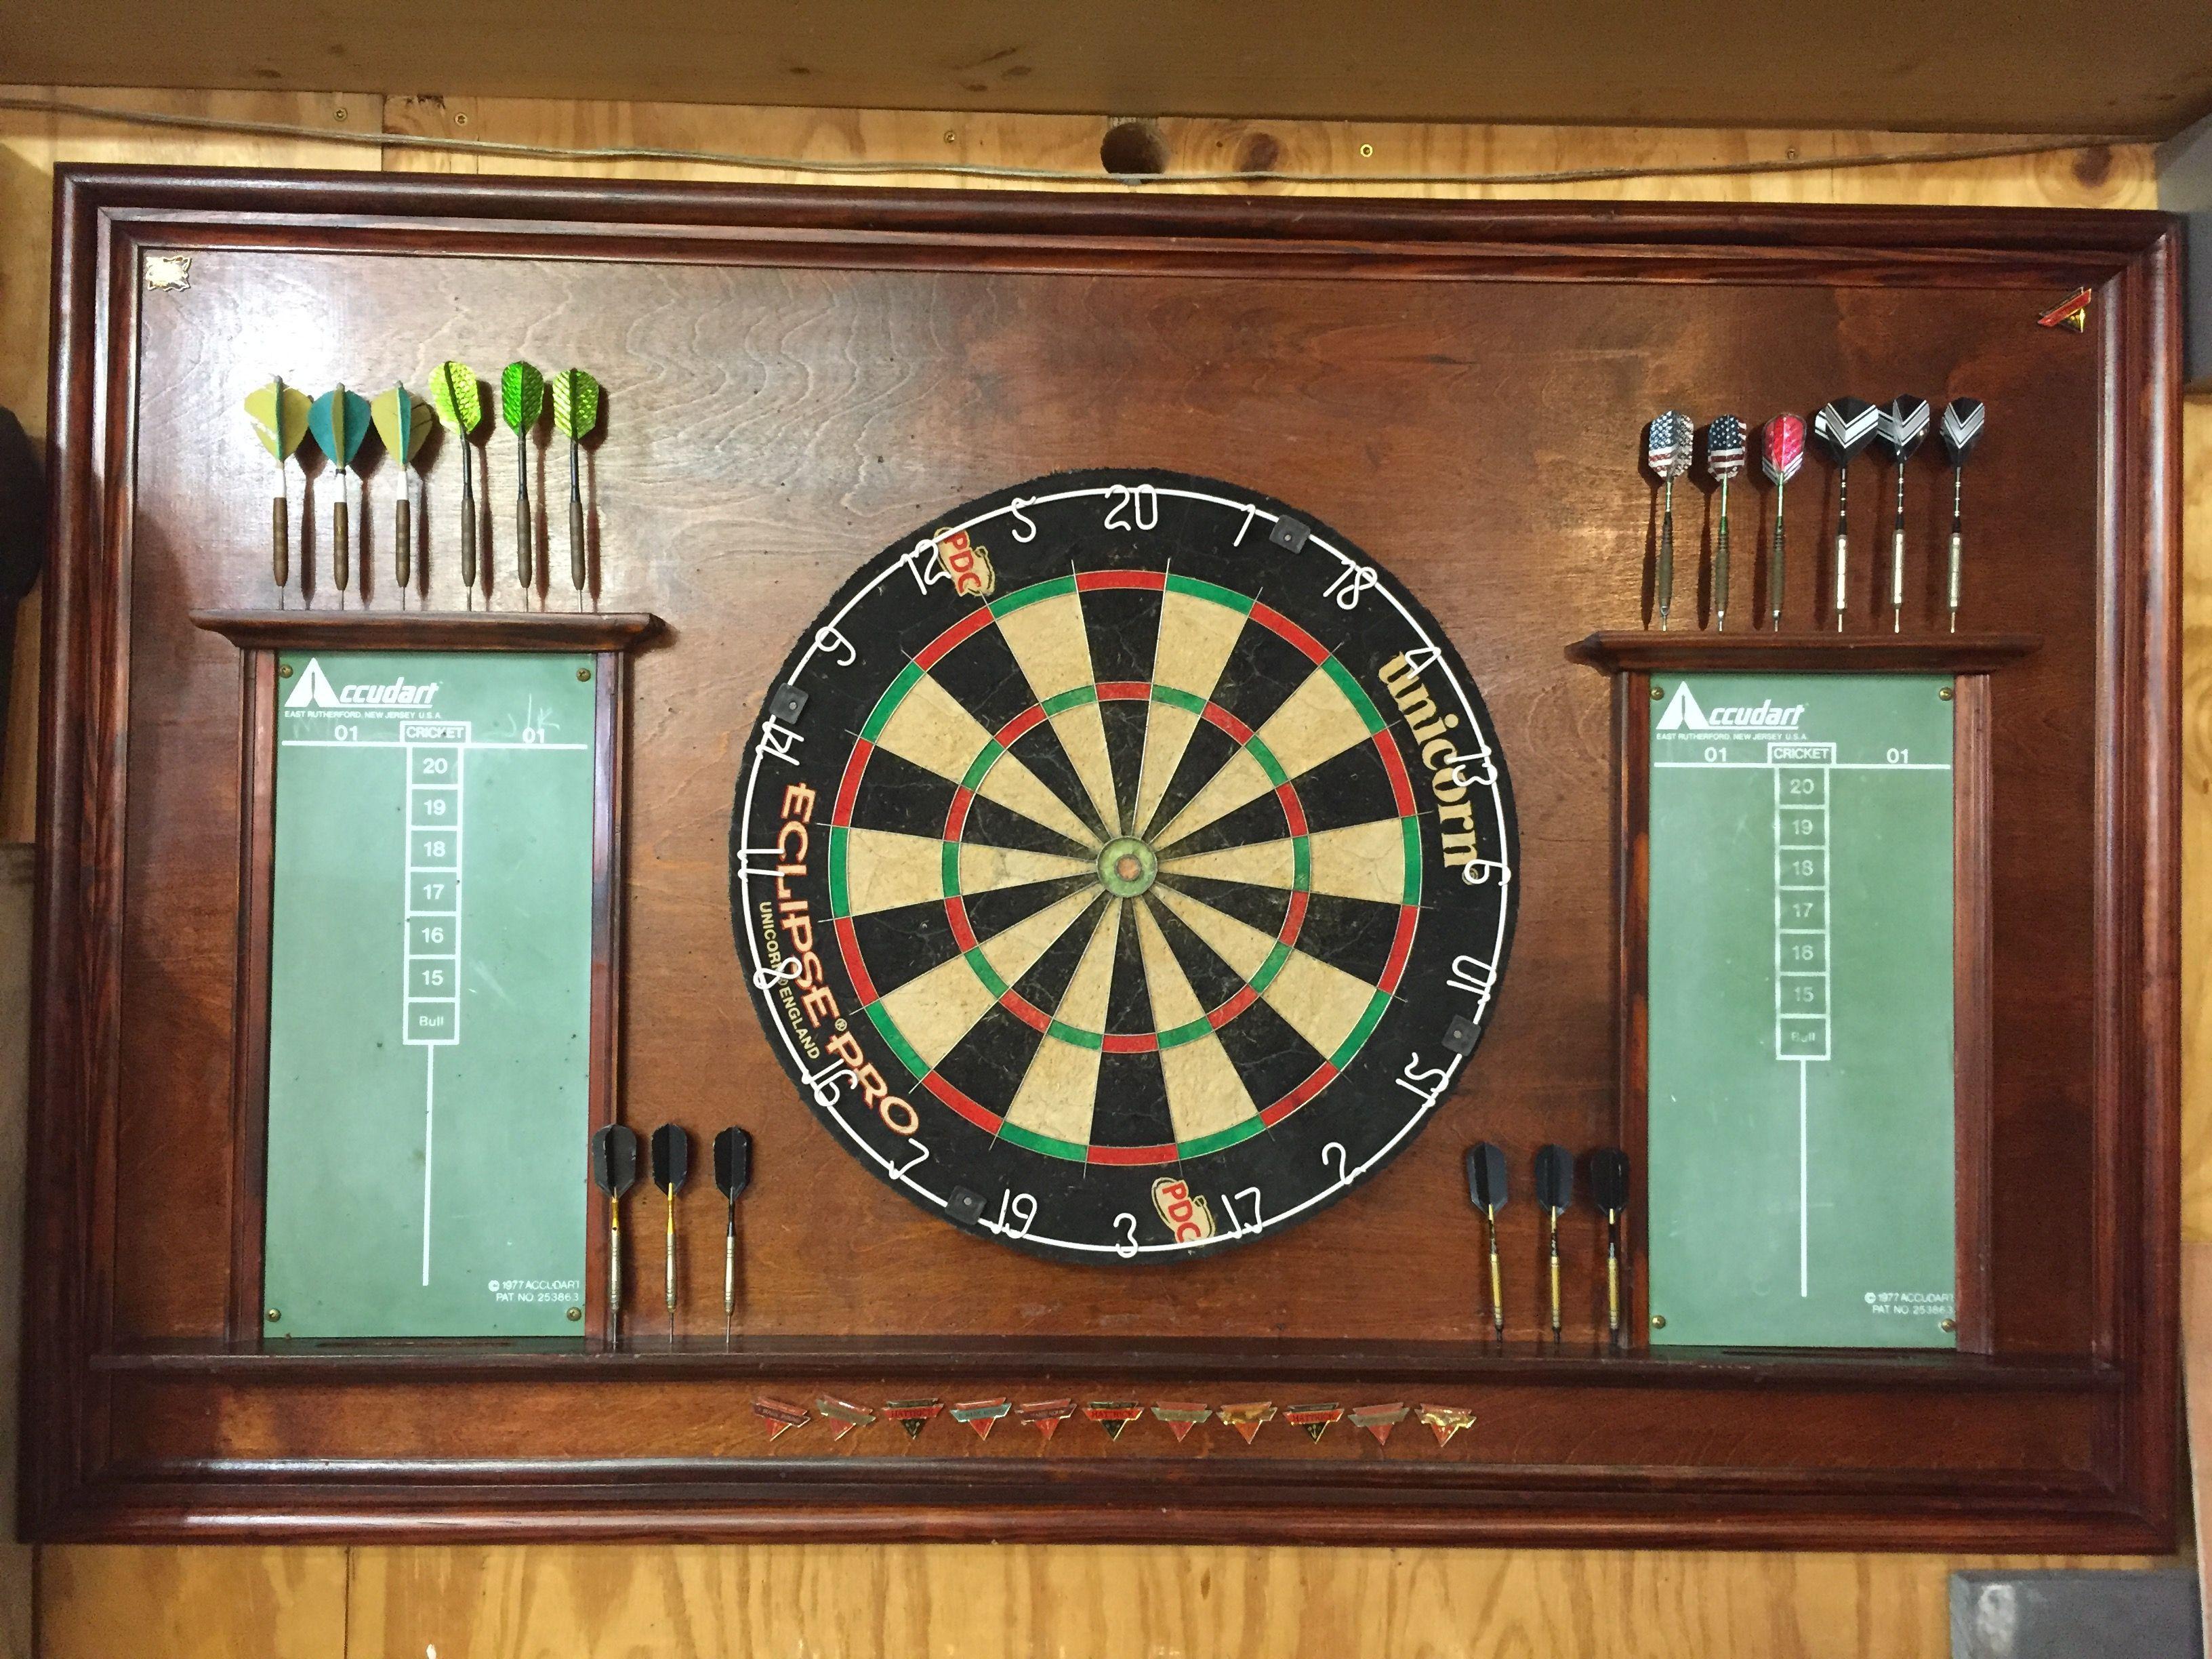 English Pub Style Dart Board Created By Mitchell Longmeyer Dart Board New Homes Village Inn